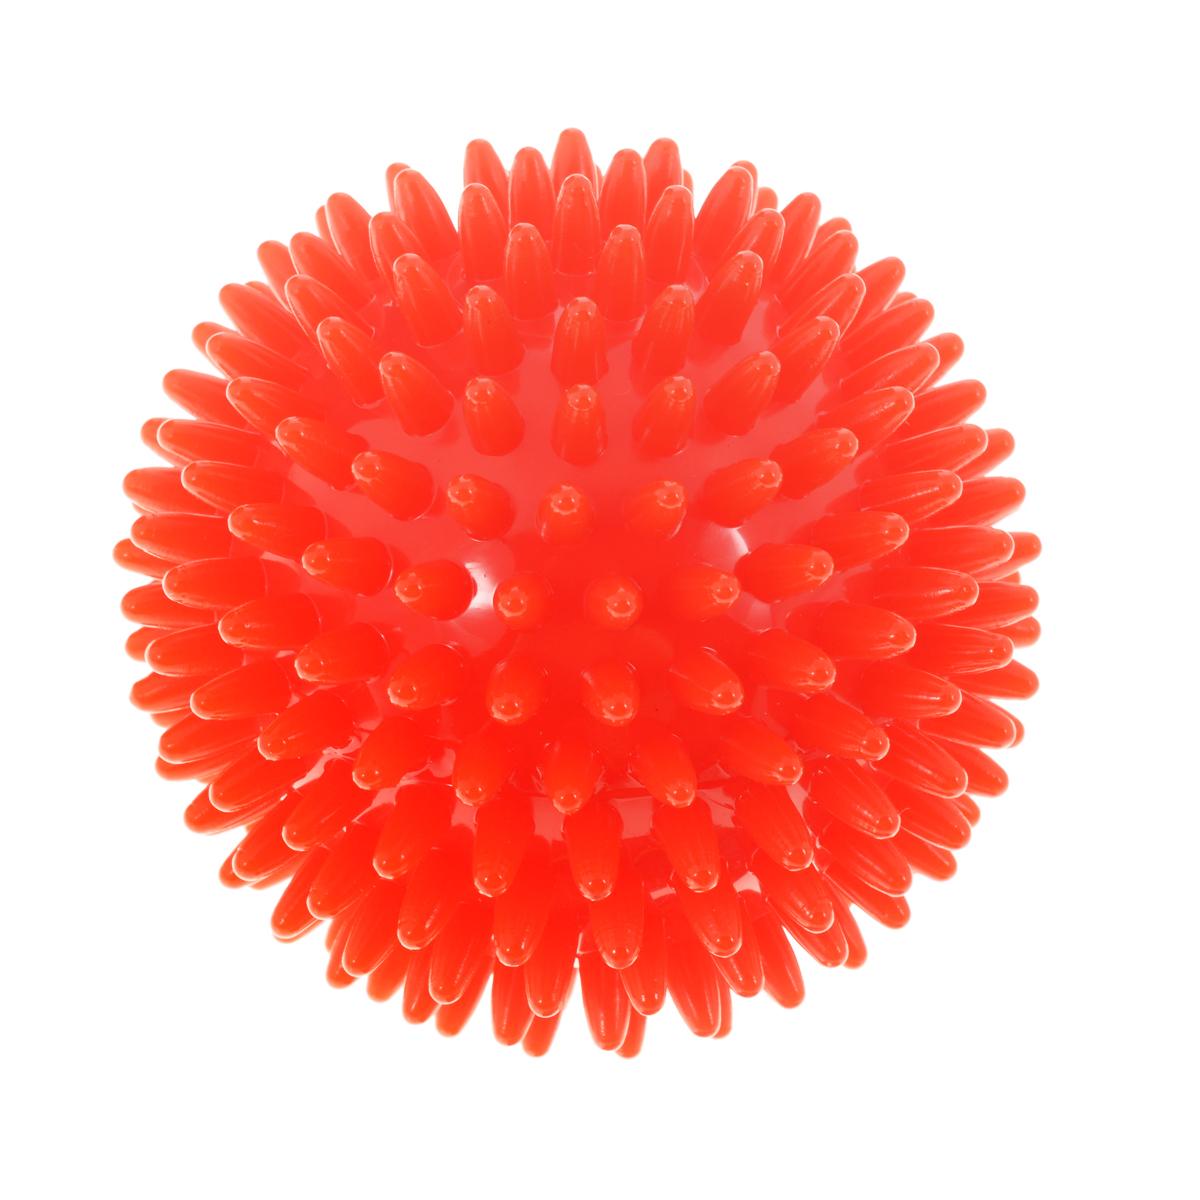 Игрушка для собак V.I.Pet Массажный мяч, цвет: красный, диаметр 9 смBL11-015-90Игрушка для собак V.I.Pet Массажный мяч, изготовленная из ПВХ, предназначена для массажа и самомассажа рефлексогенных зон. Она имеет мягкие закругленные массажные шипы, эффективно массирующие и не травмирующие кожу. Игрушка не позволит скучать вашему питомцу ни дома, ни на улице. Диаметр: 9 см.